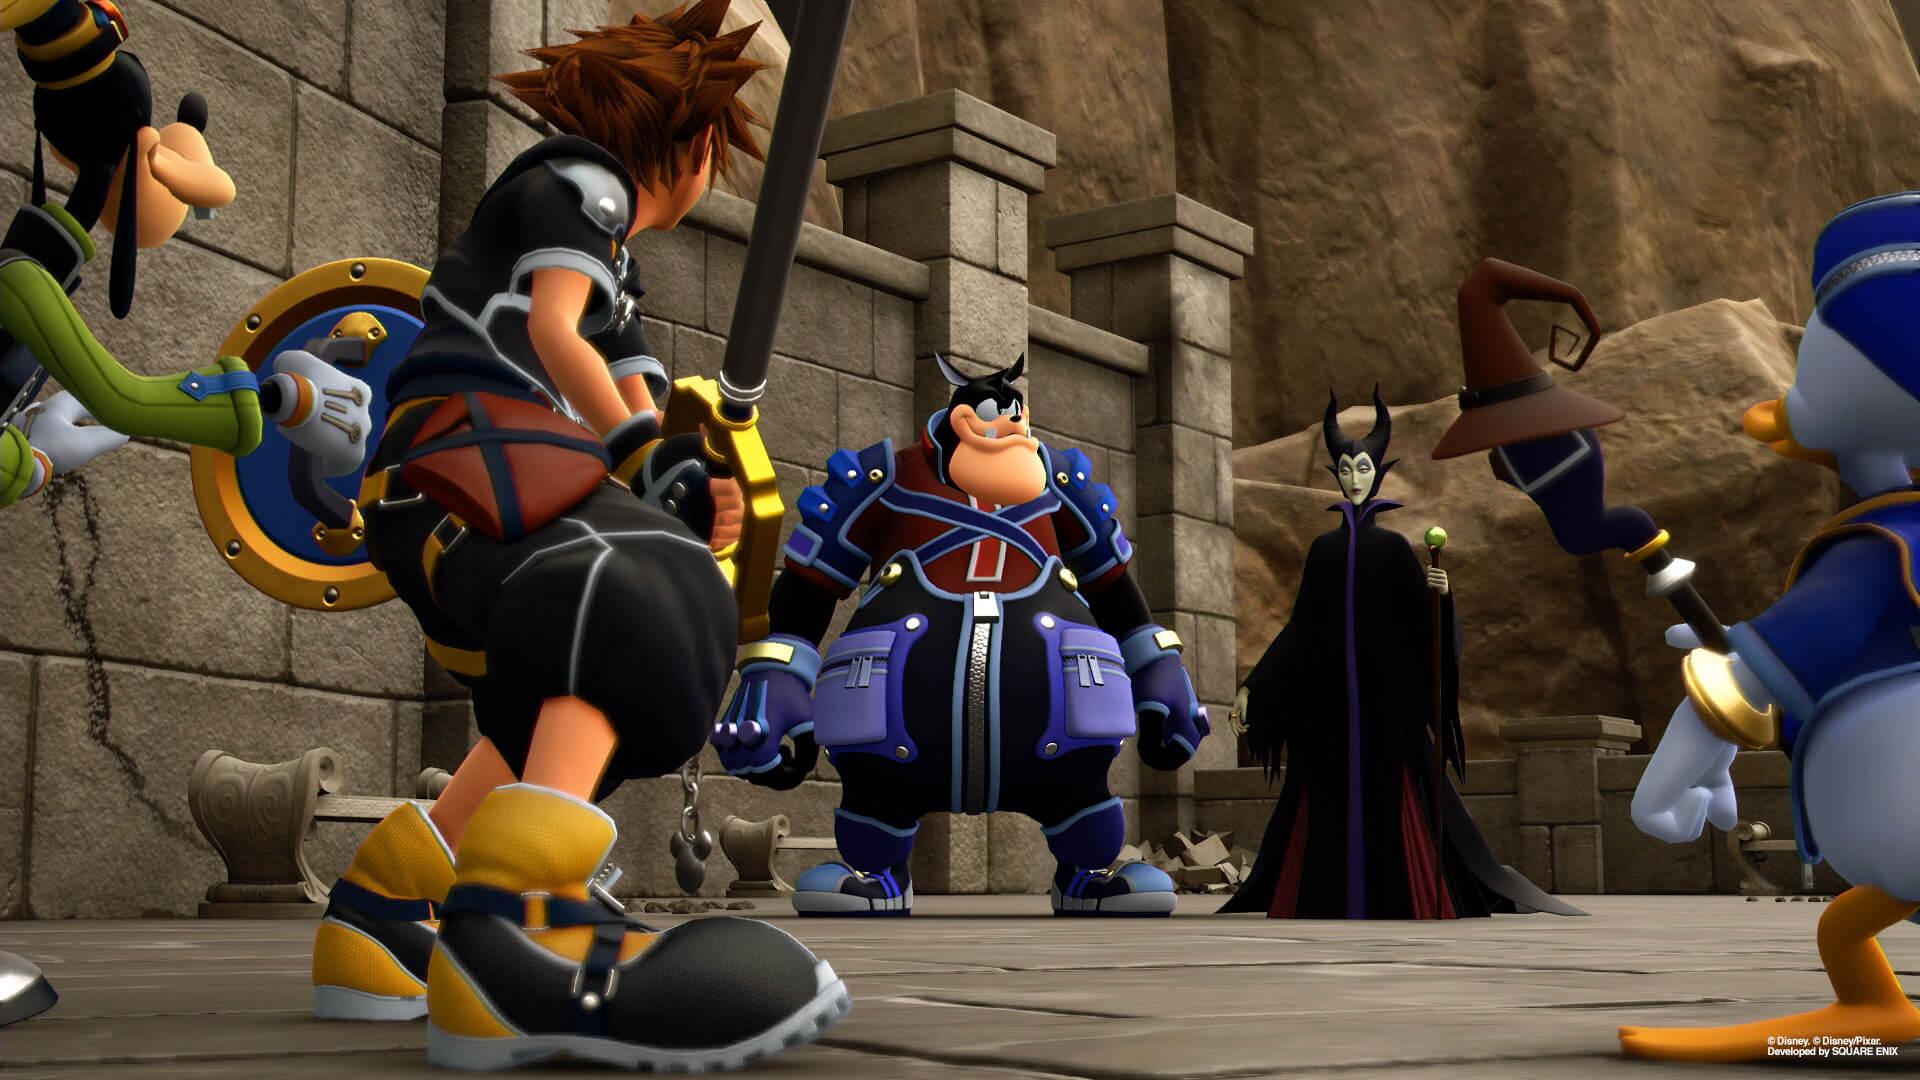 Kingdom-Hearts-3-NoypiGeeks